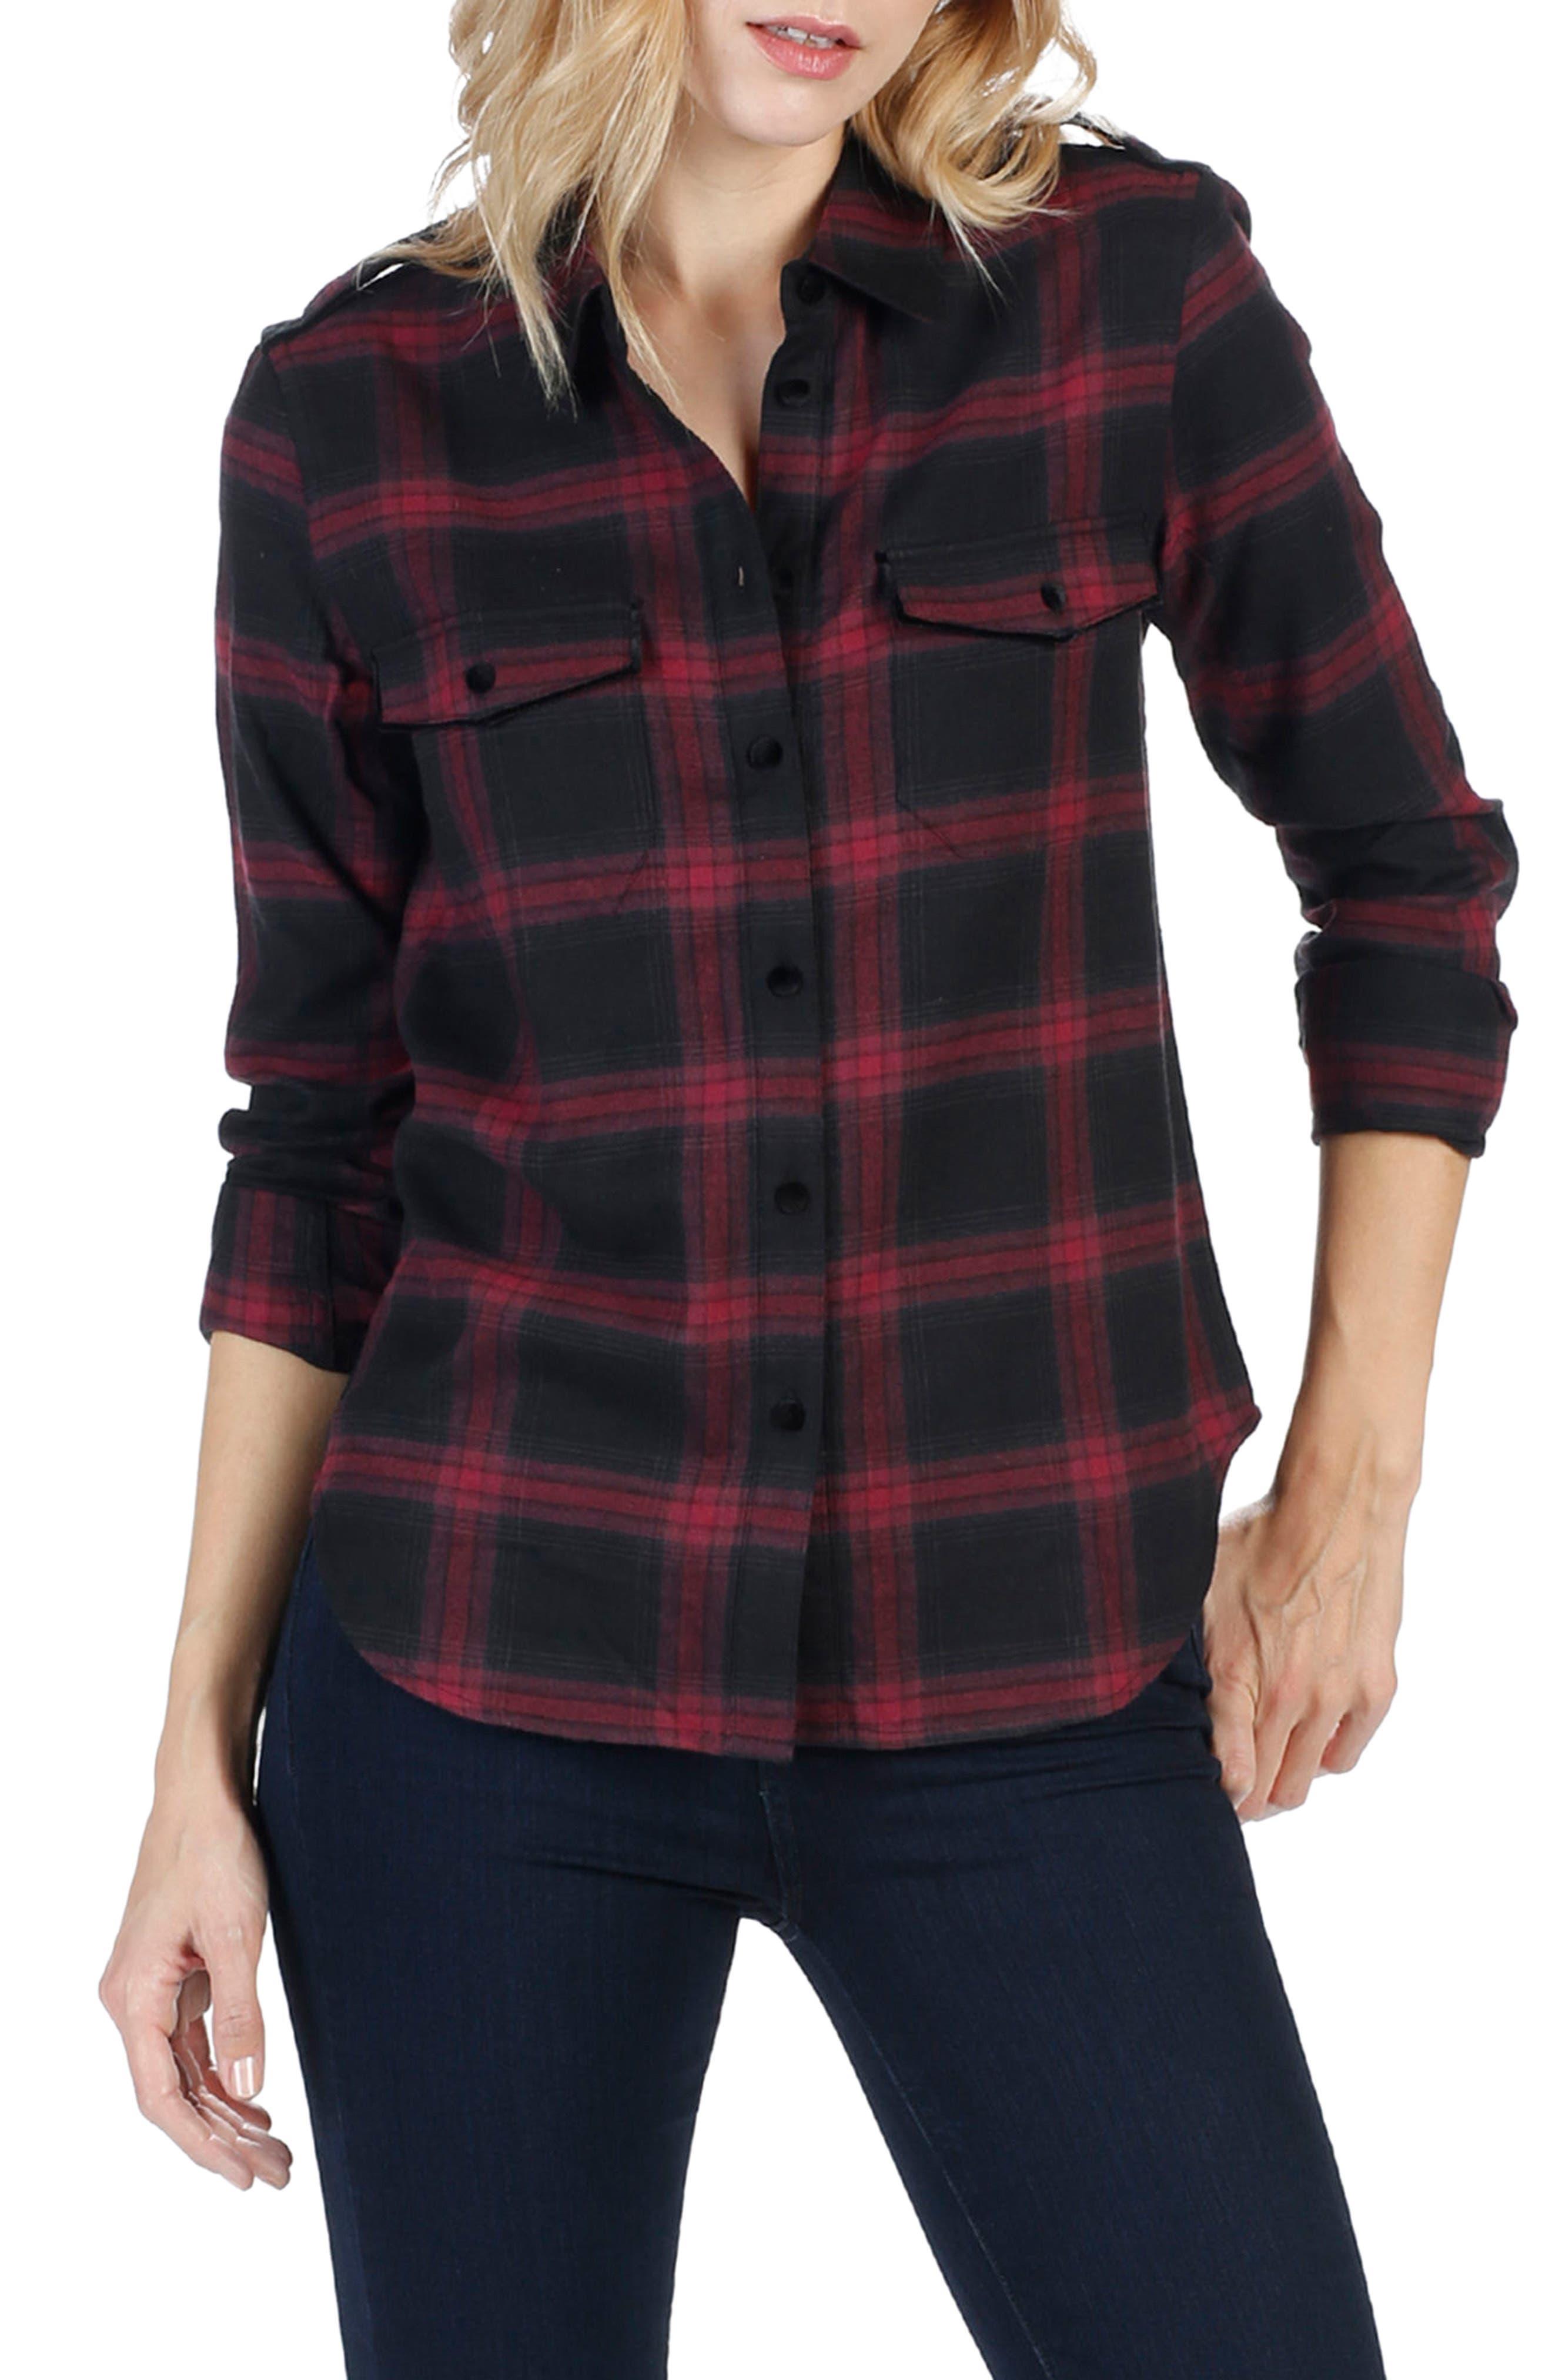 Adilene Plaid Shirt,                         Main,                         color, True Black/ Dark Magenta